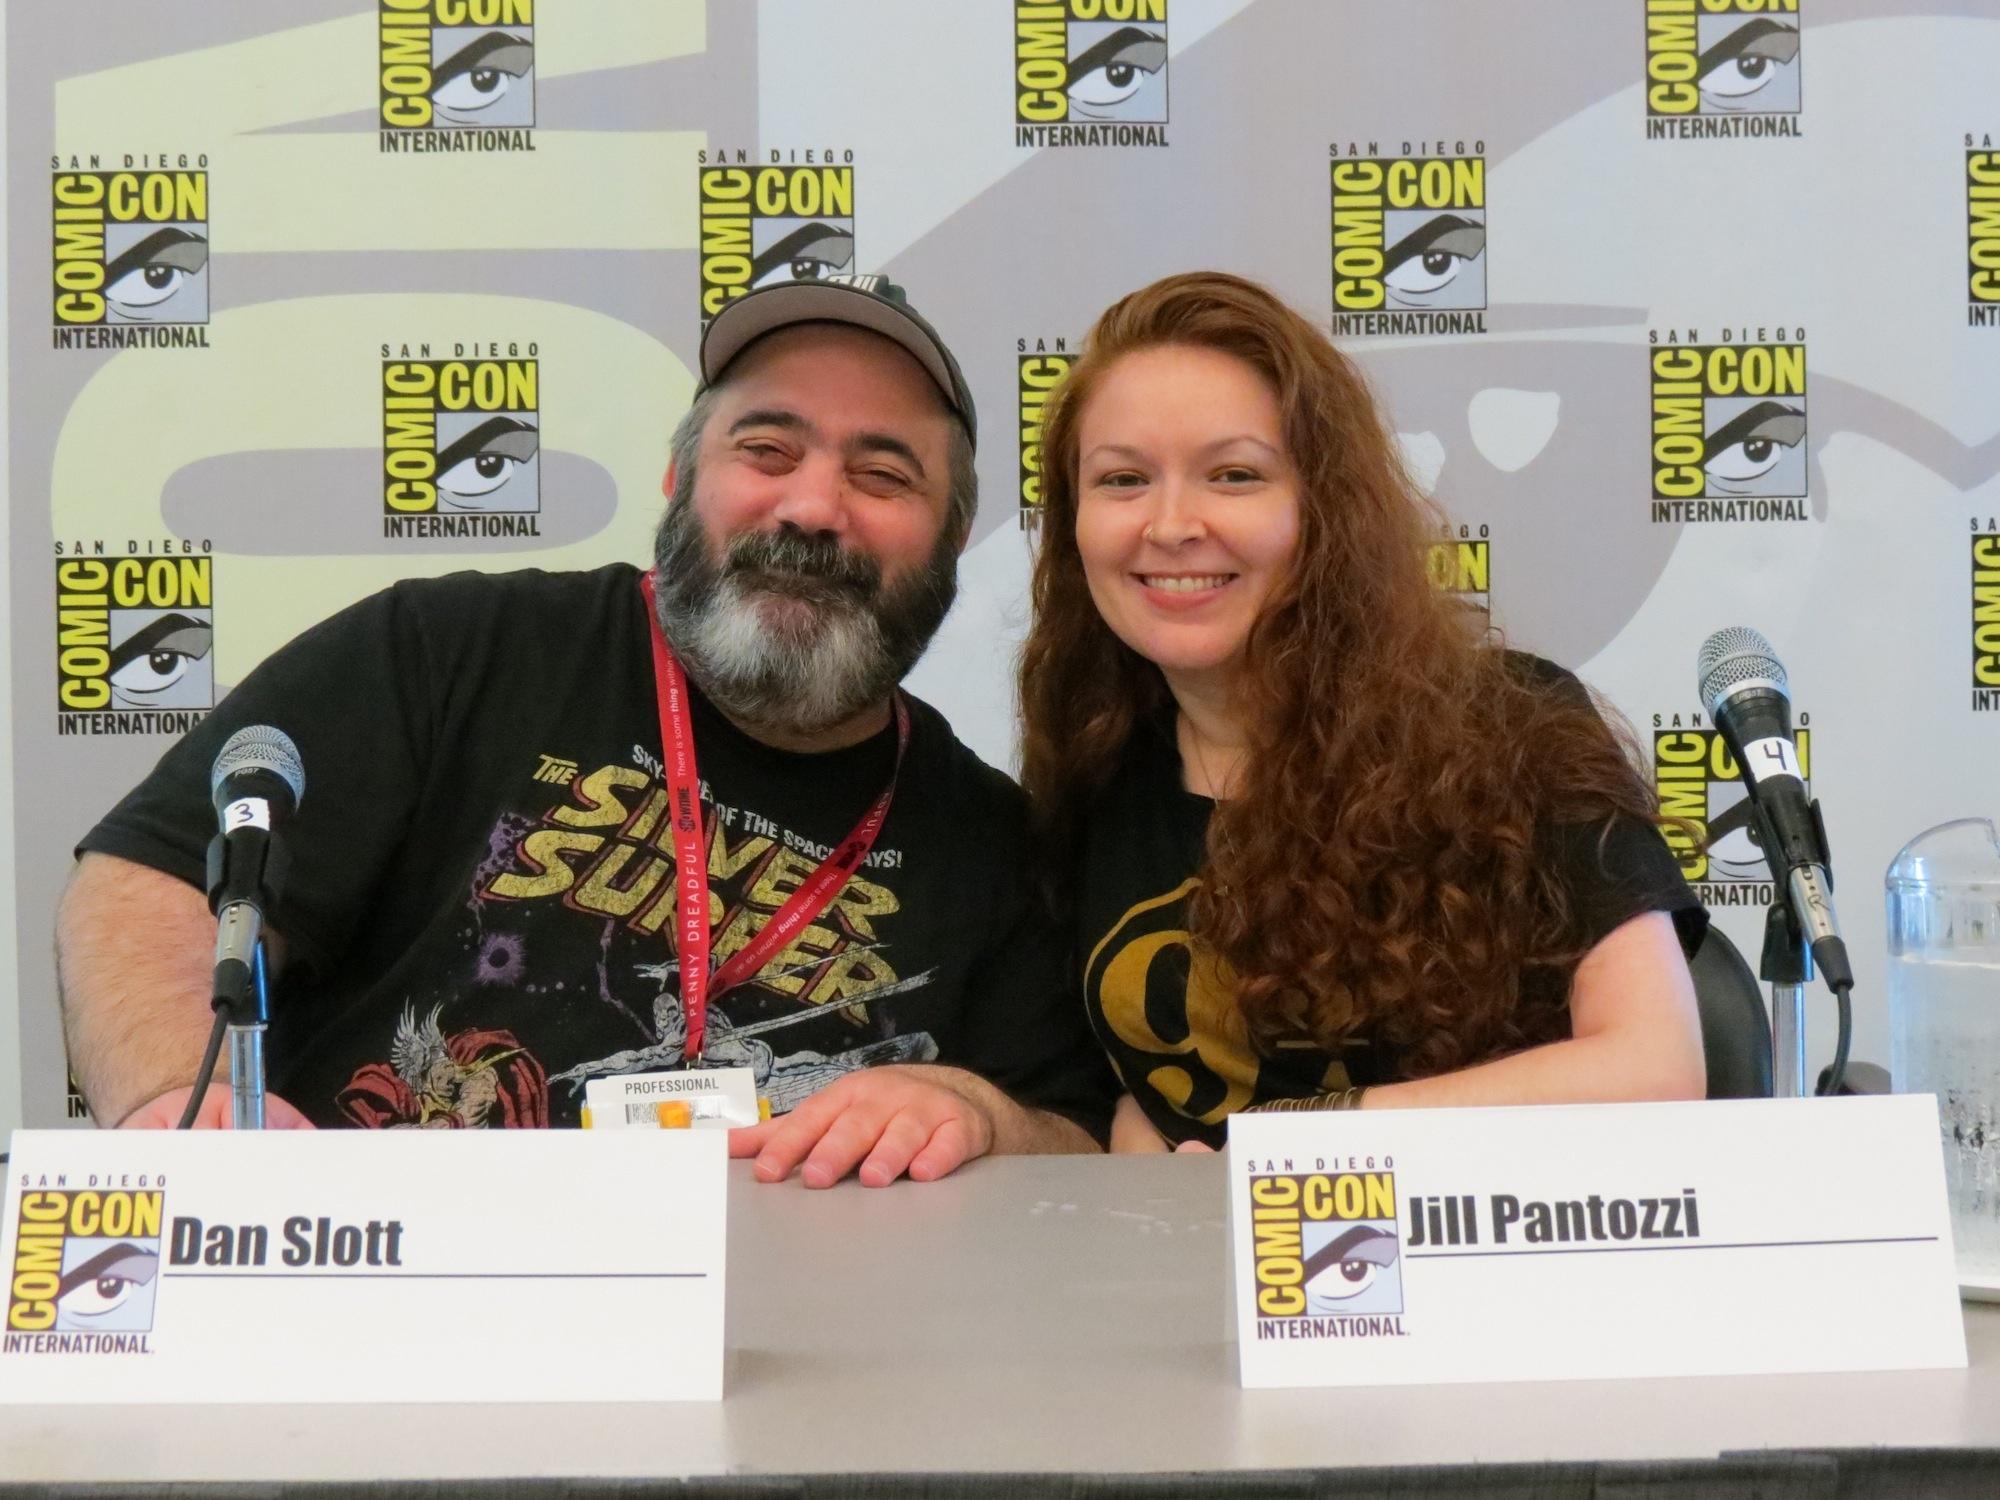 Jill and Dan Slott at his spotlight panel.